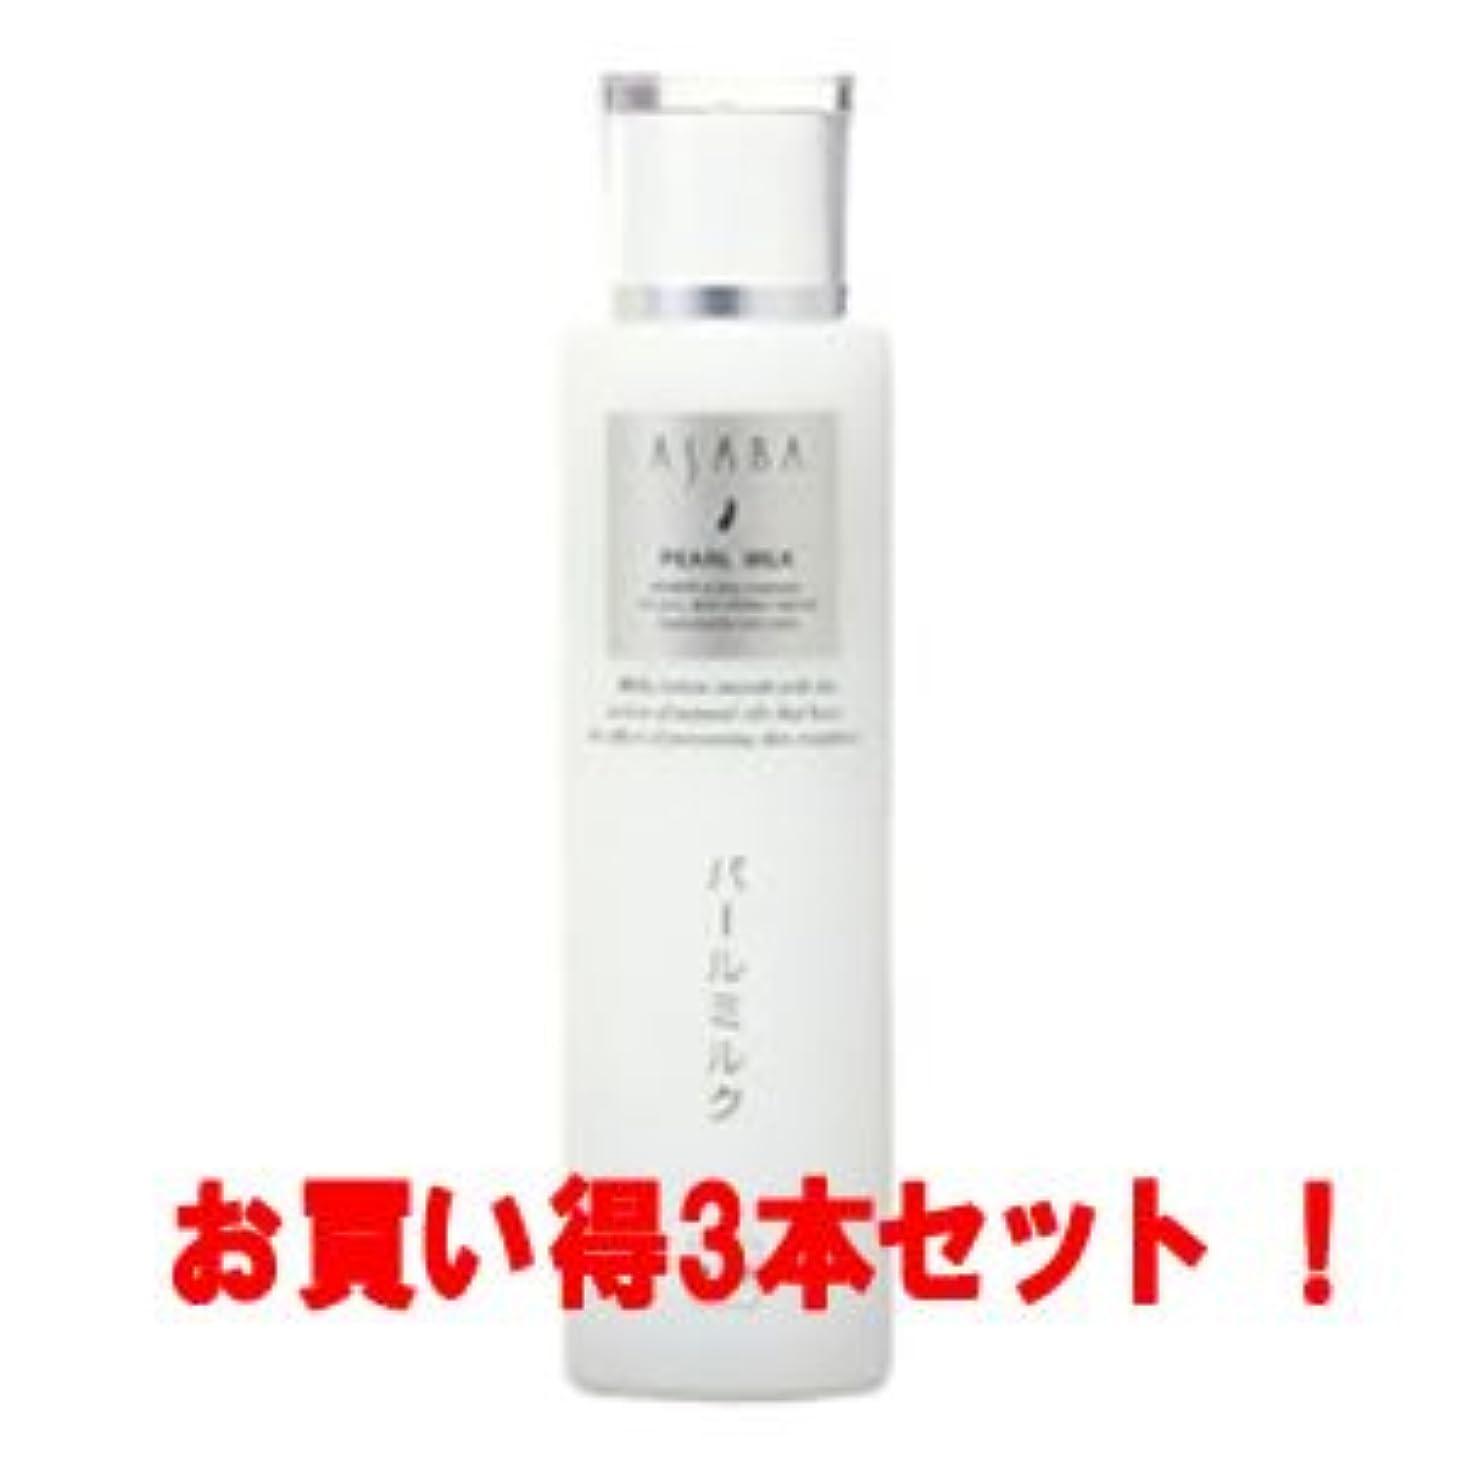 冷笑するボーナス肥料(アサバ化粧品)アサバ パールミルク100ml(お買い得3本セット)